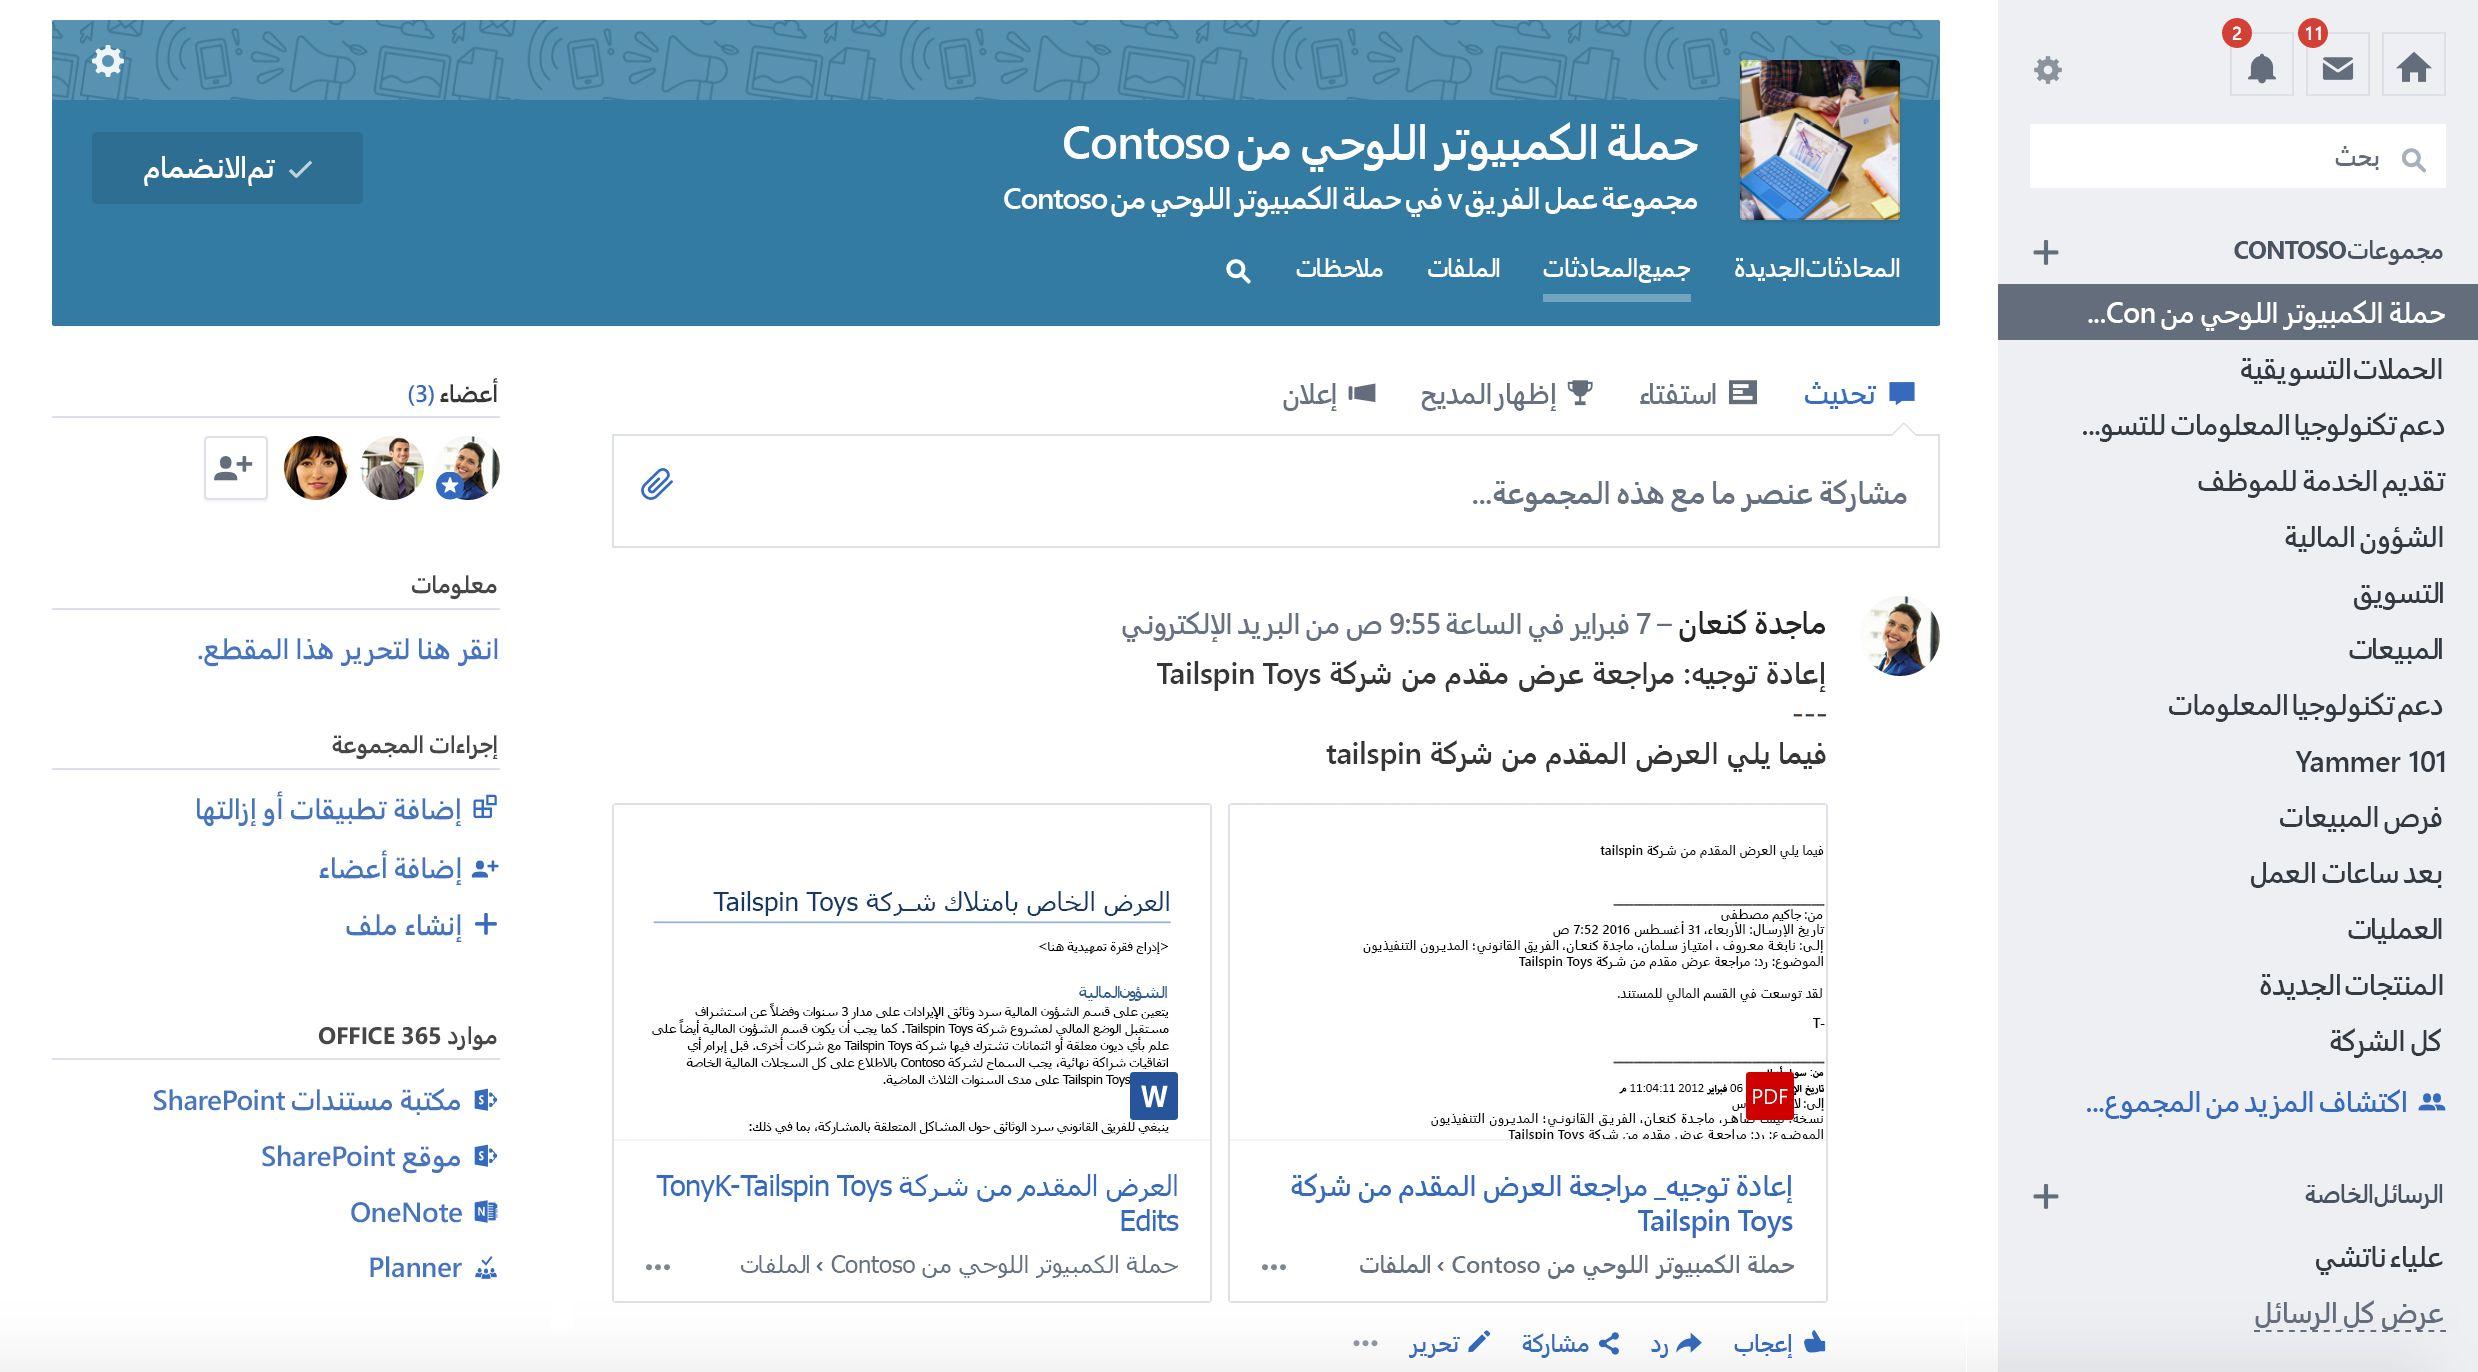 لقطه شاشه ل Office 365 متصله محادثات المجموعه Yammer